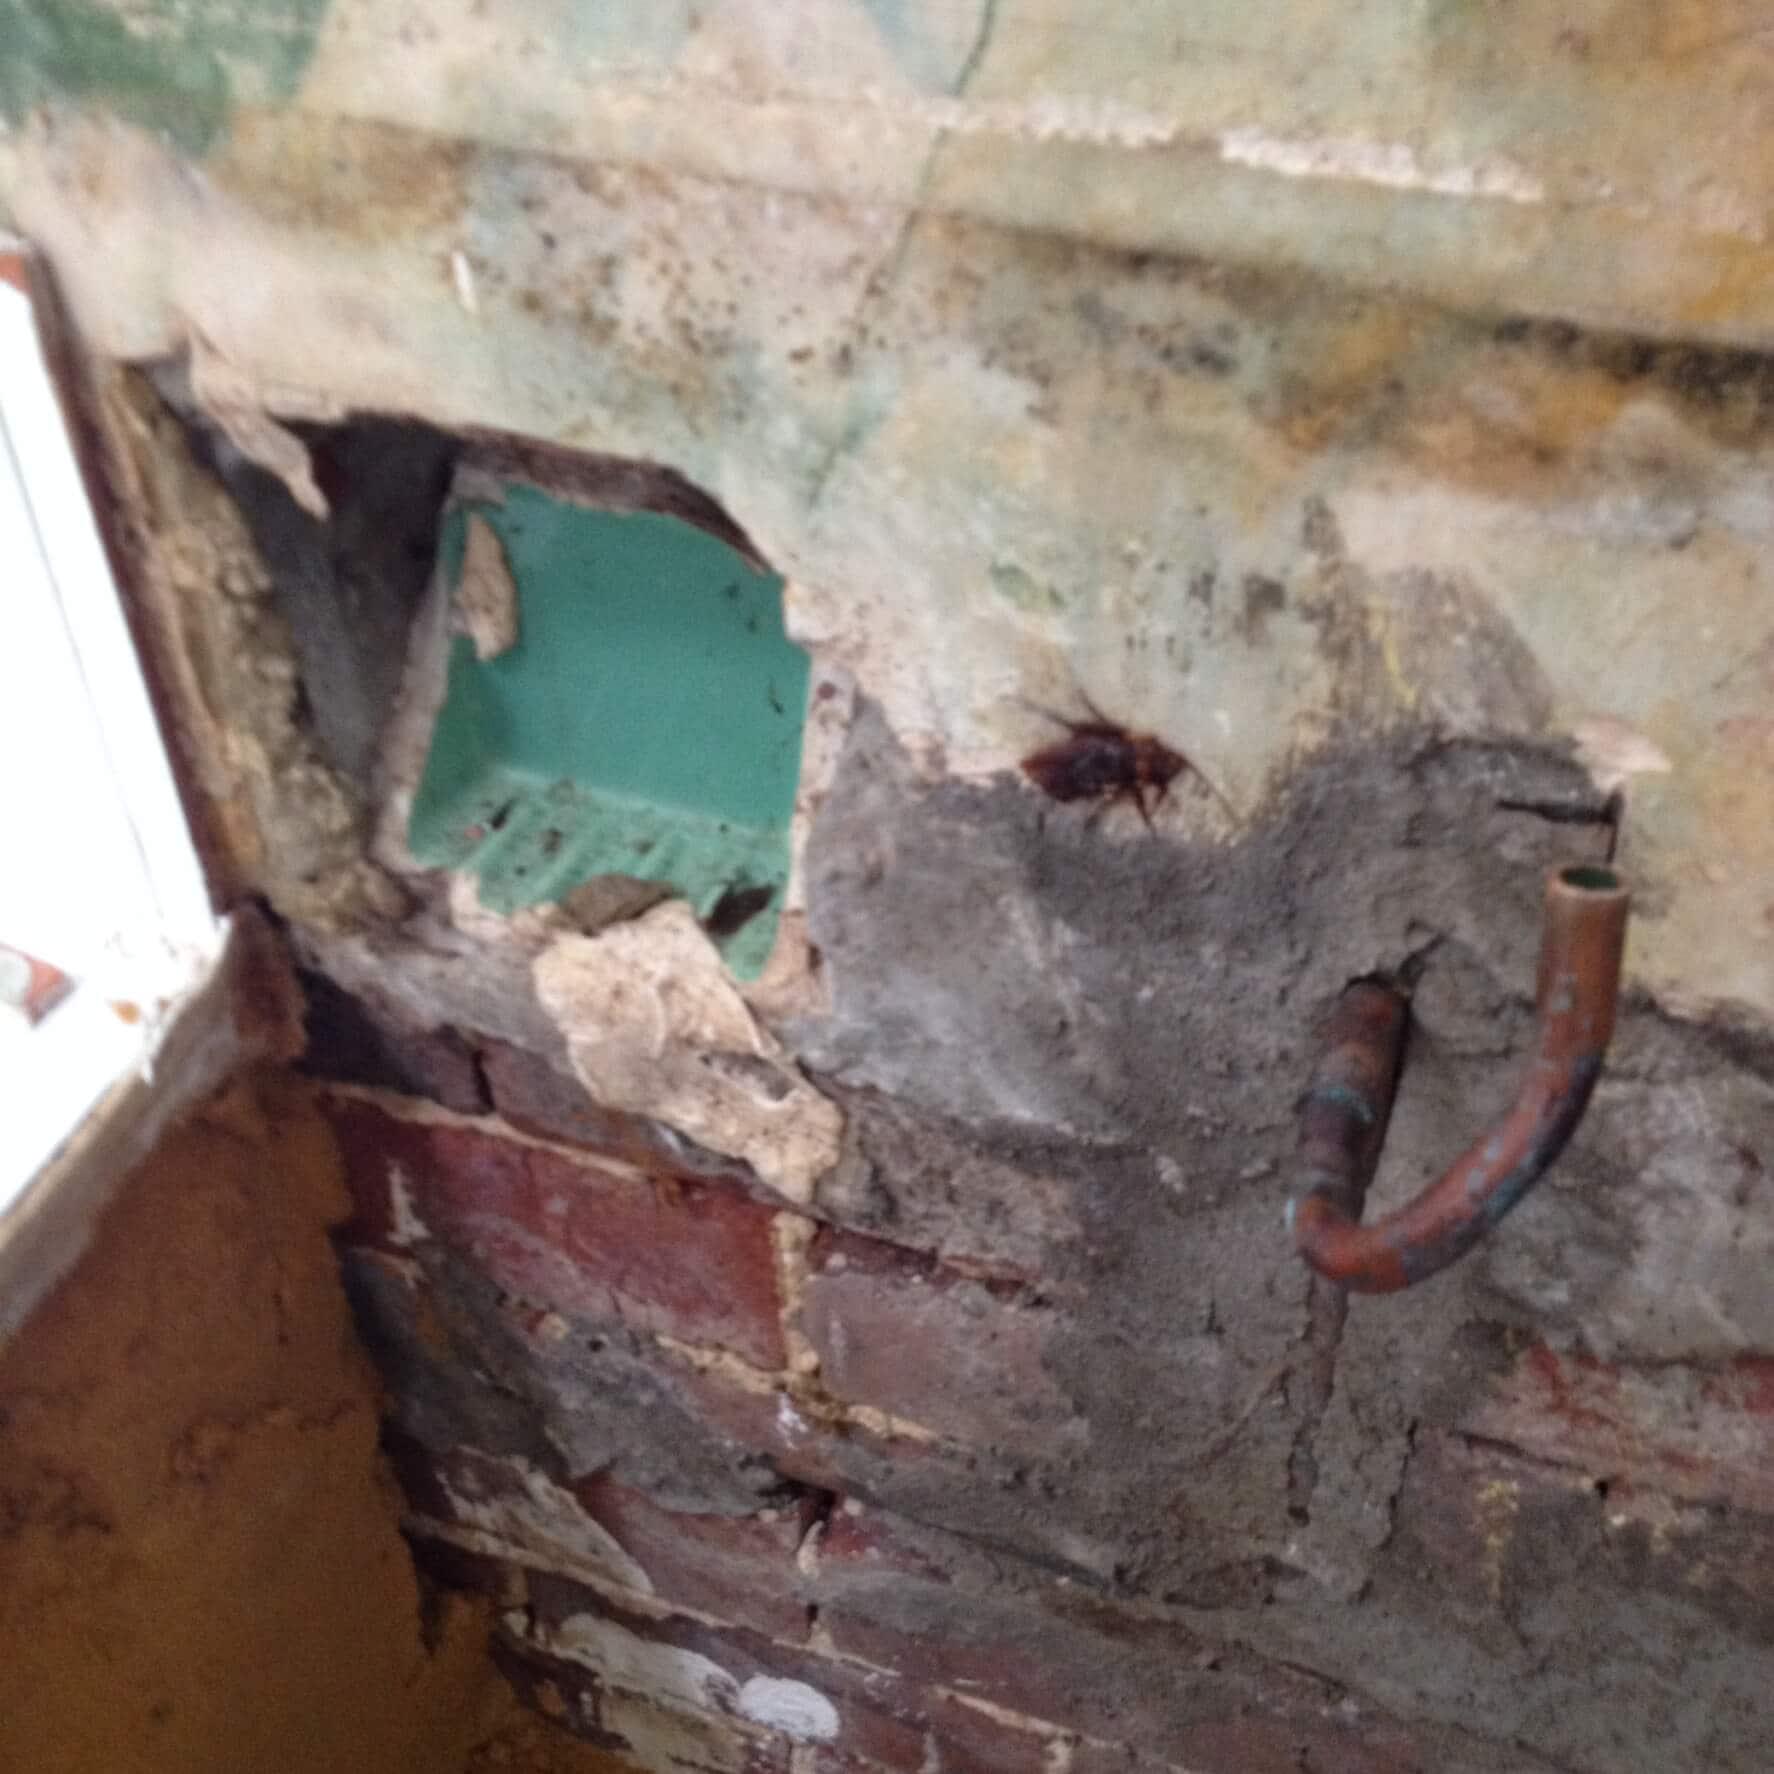 Everyday Plumbers Residential Vanity Basin Repairs - Basin Repair in Progress 0392